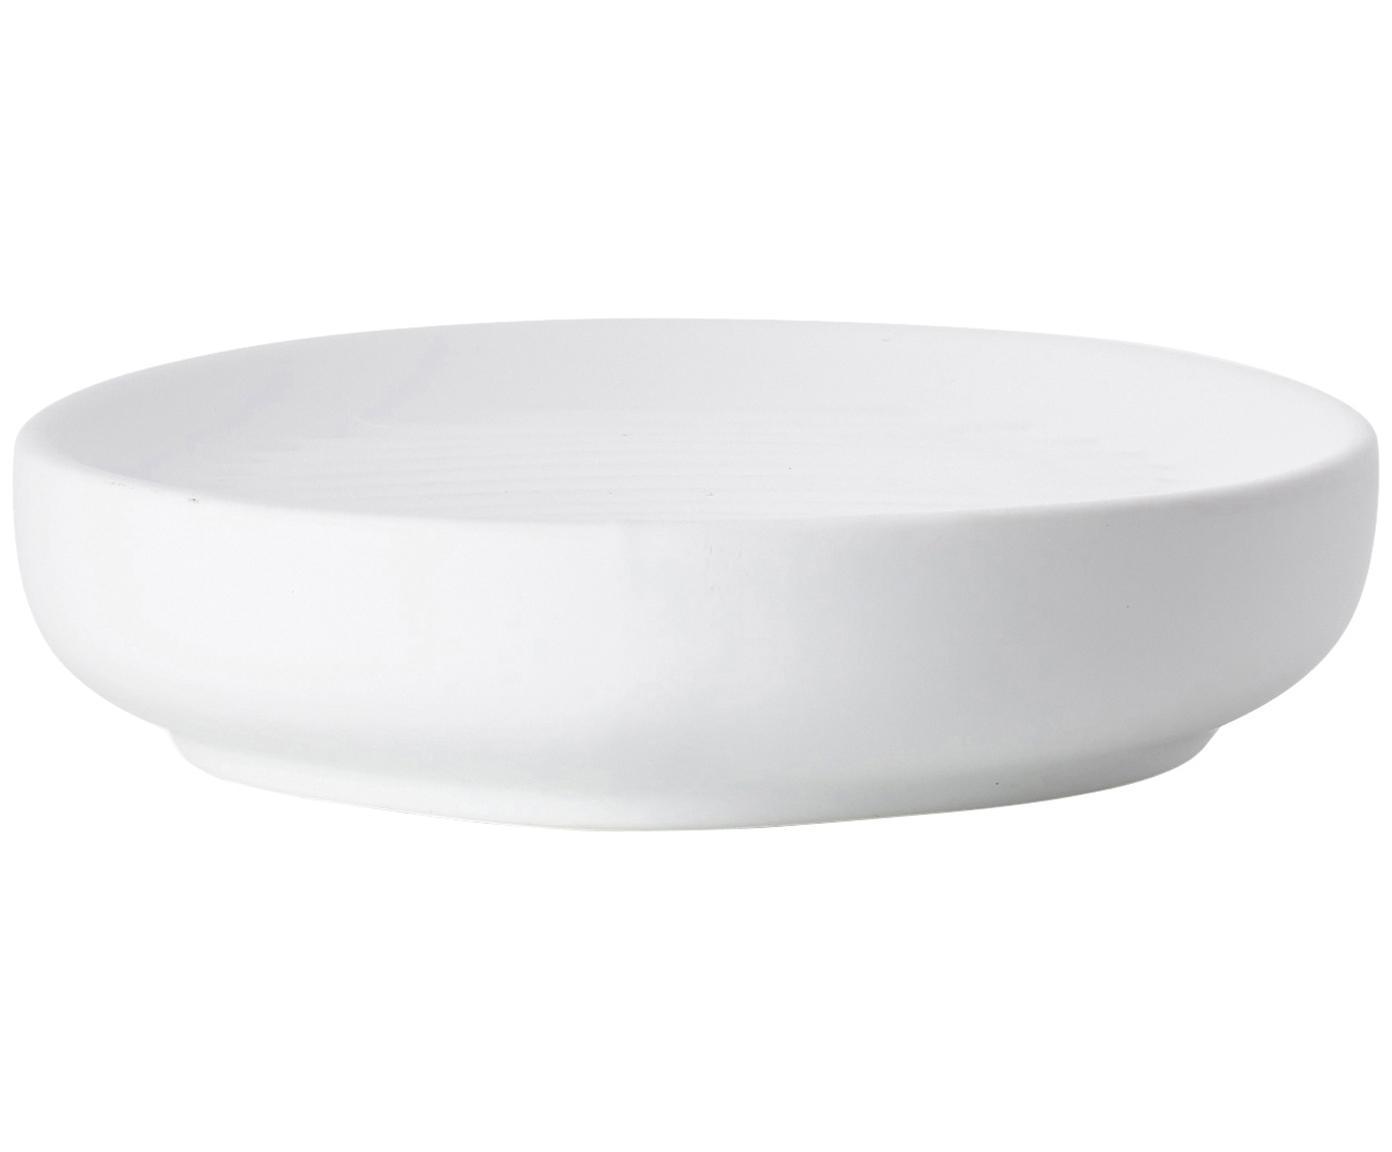 Zeephouder  Ume, Porselein, Wit, Ø 12 x H 3 cm